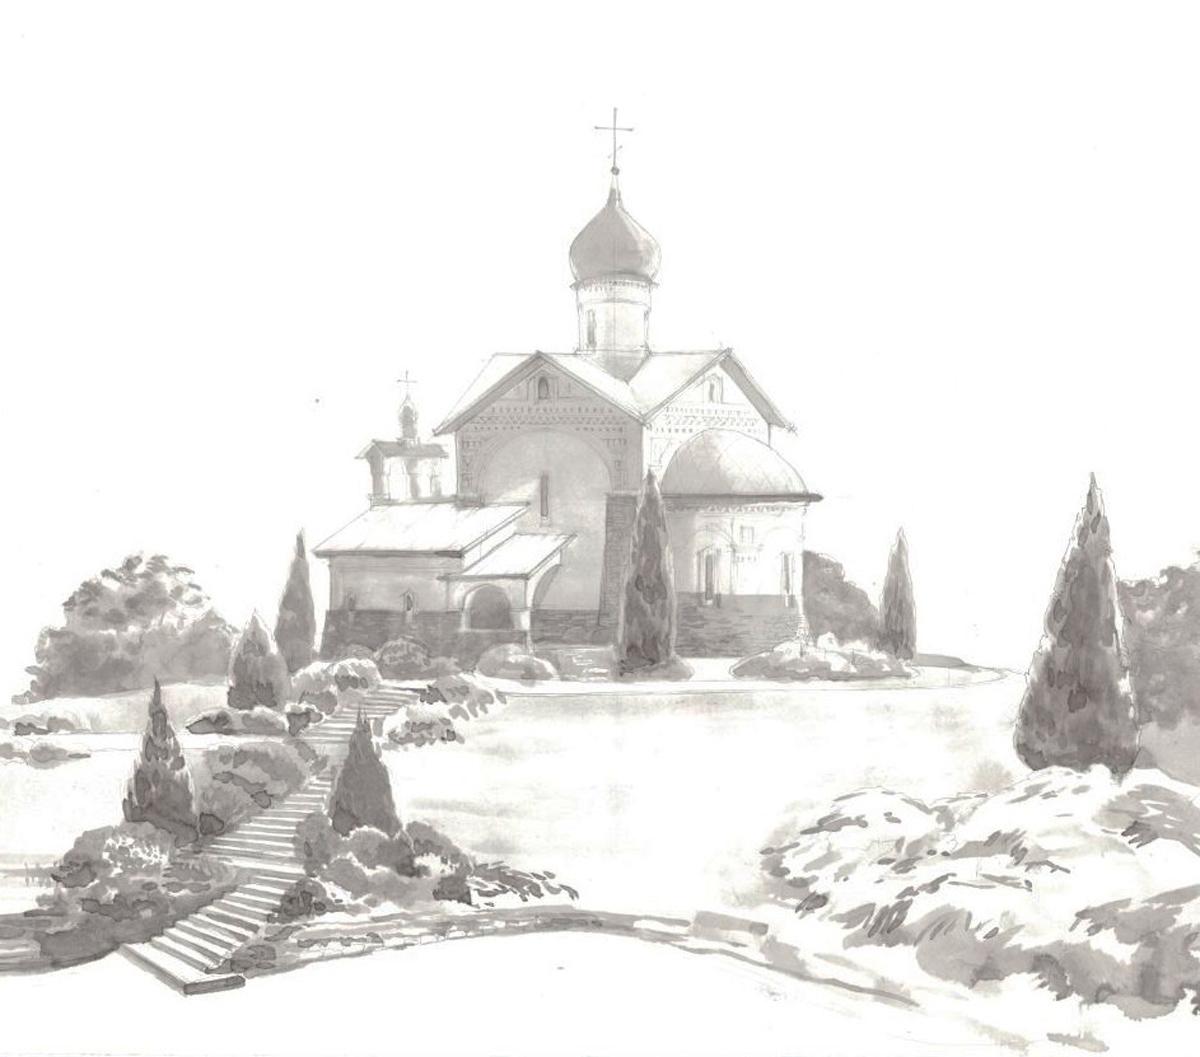 25. Эскиз храма. Конкурс